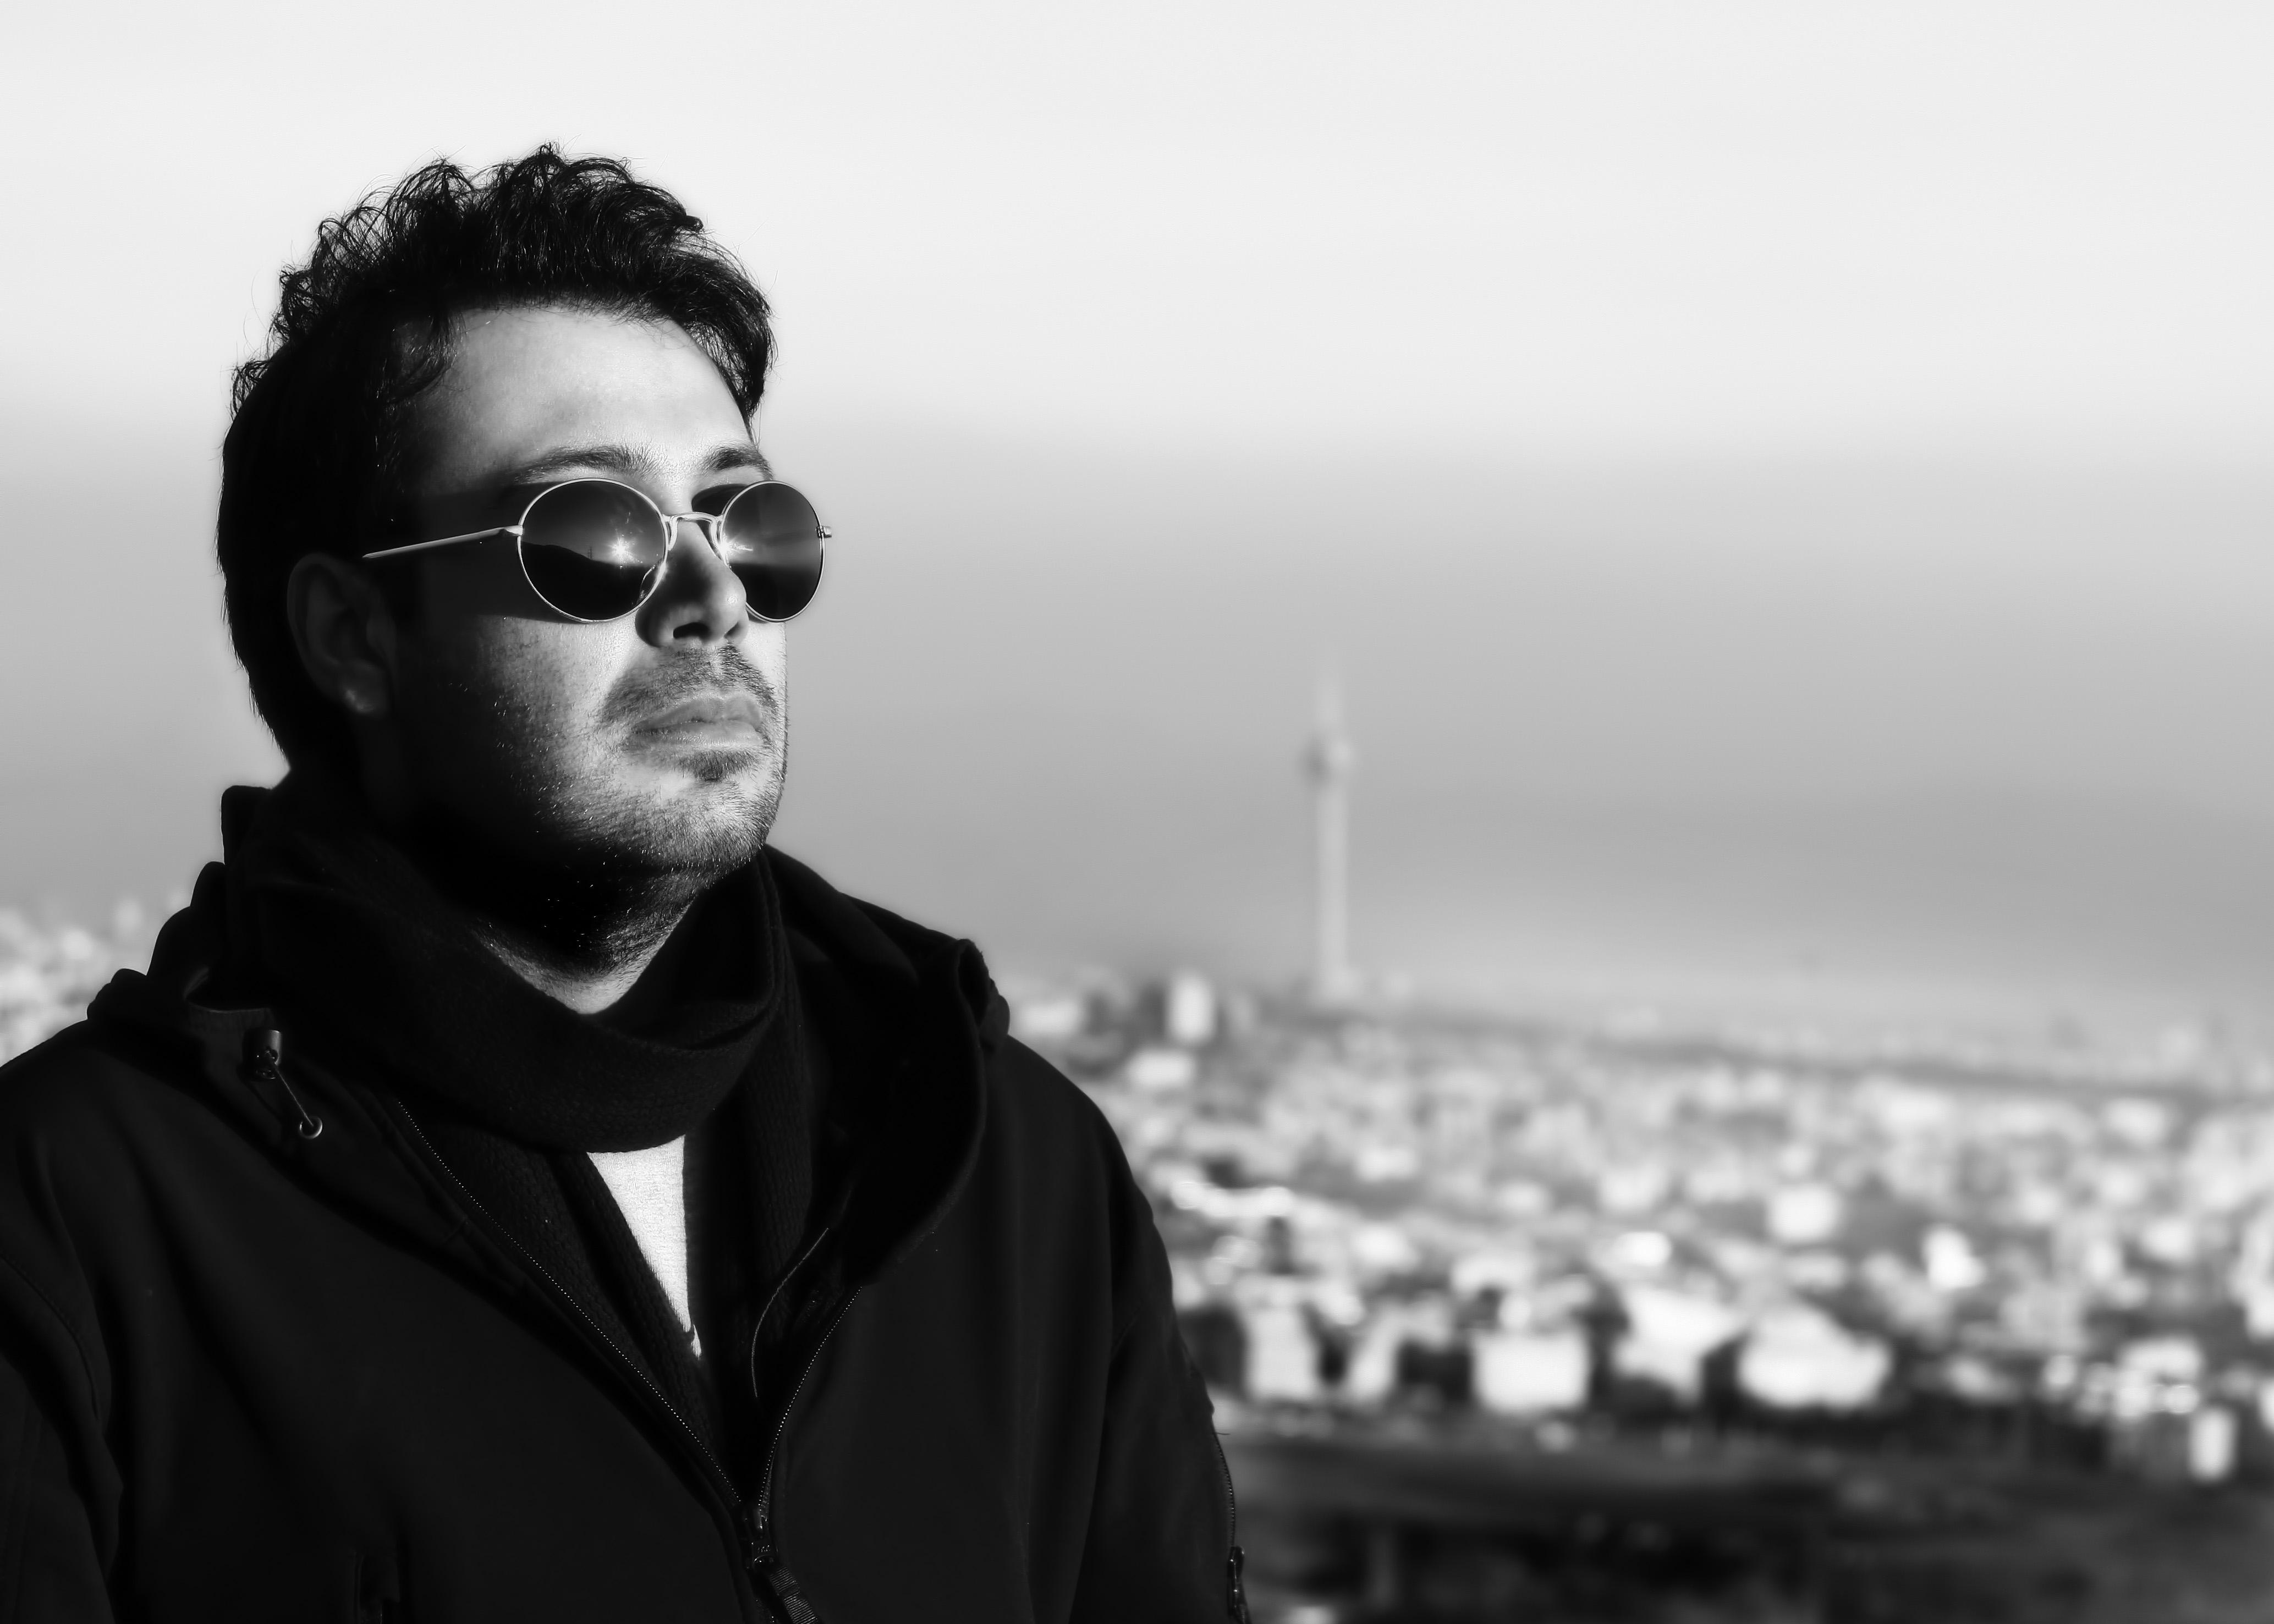 http://musiceiranian.ir/images/news-pic/2013/05/chavoshi.jpg